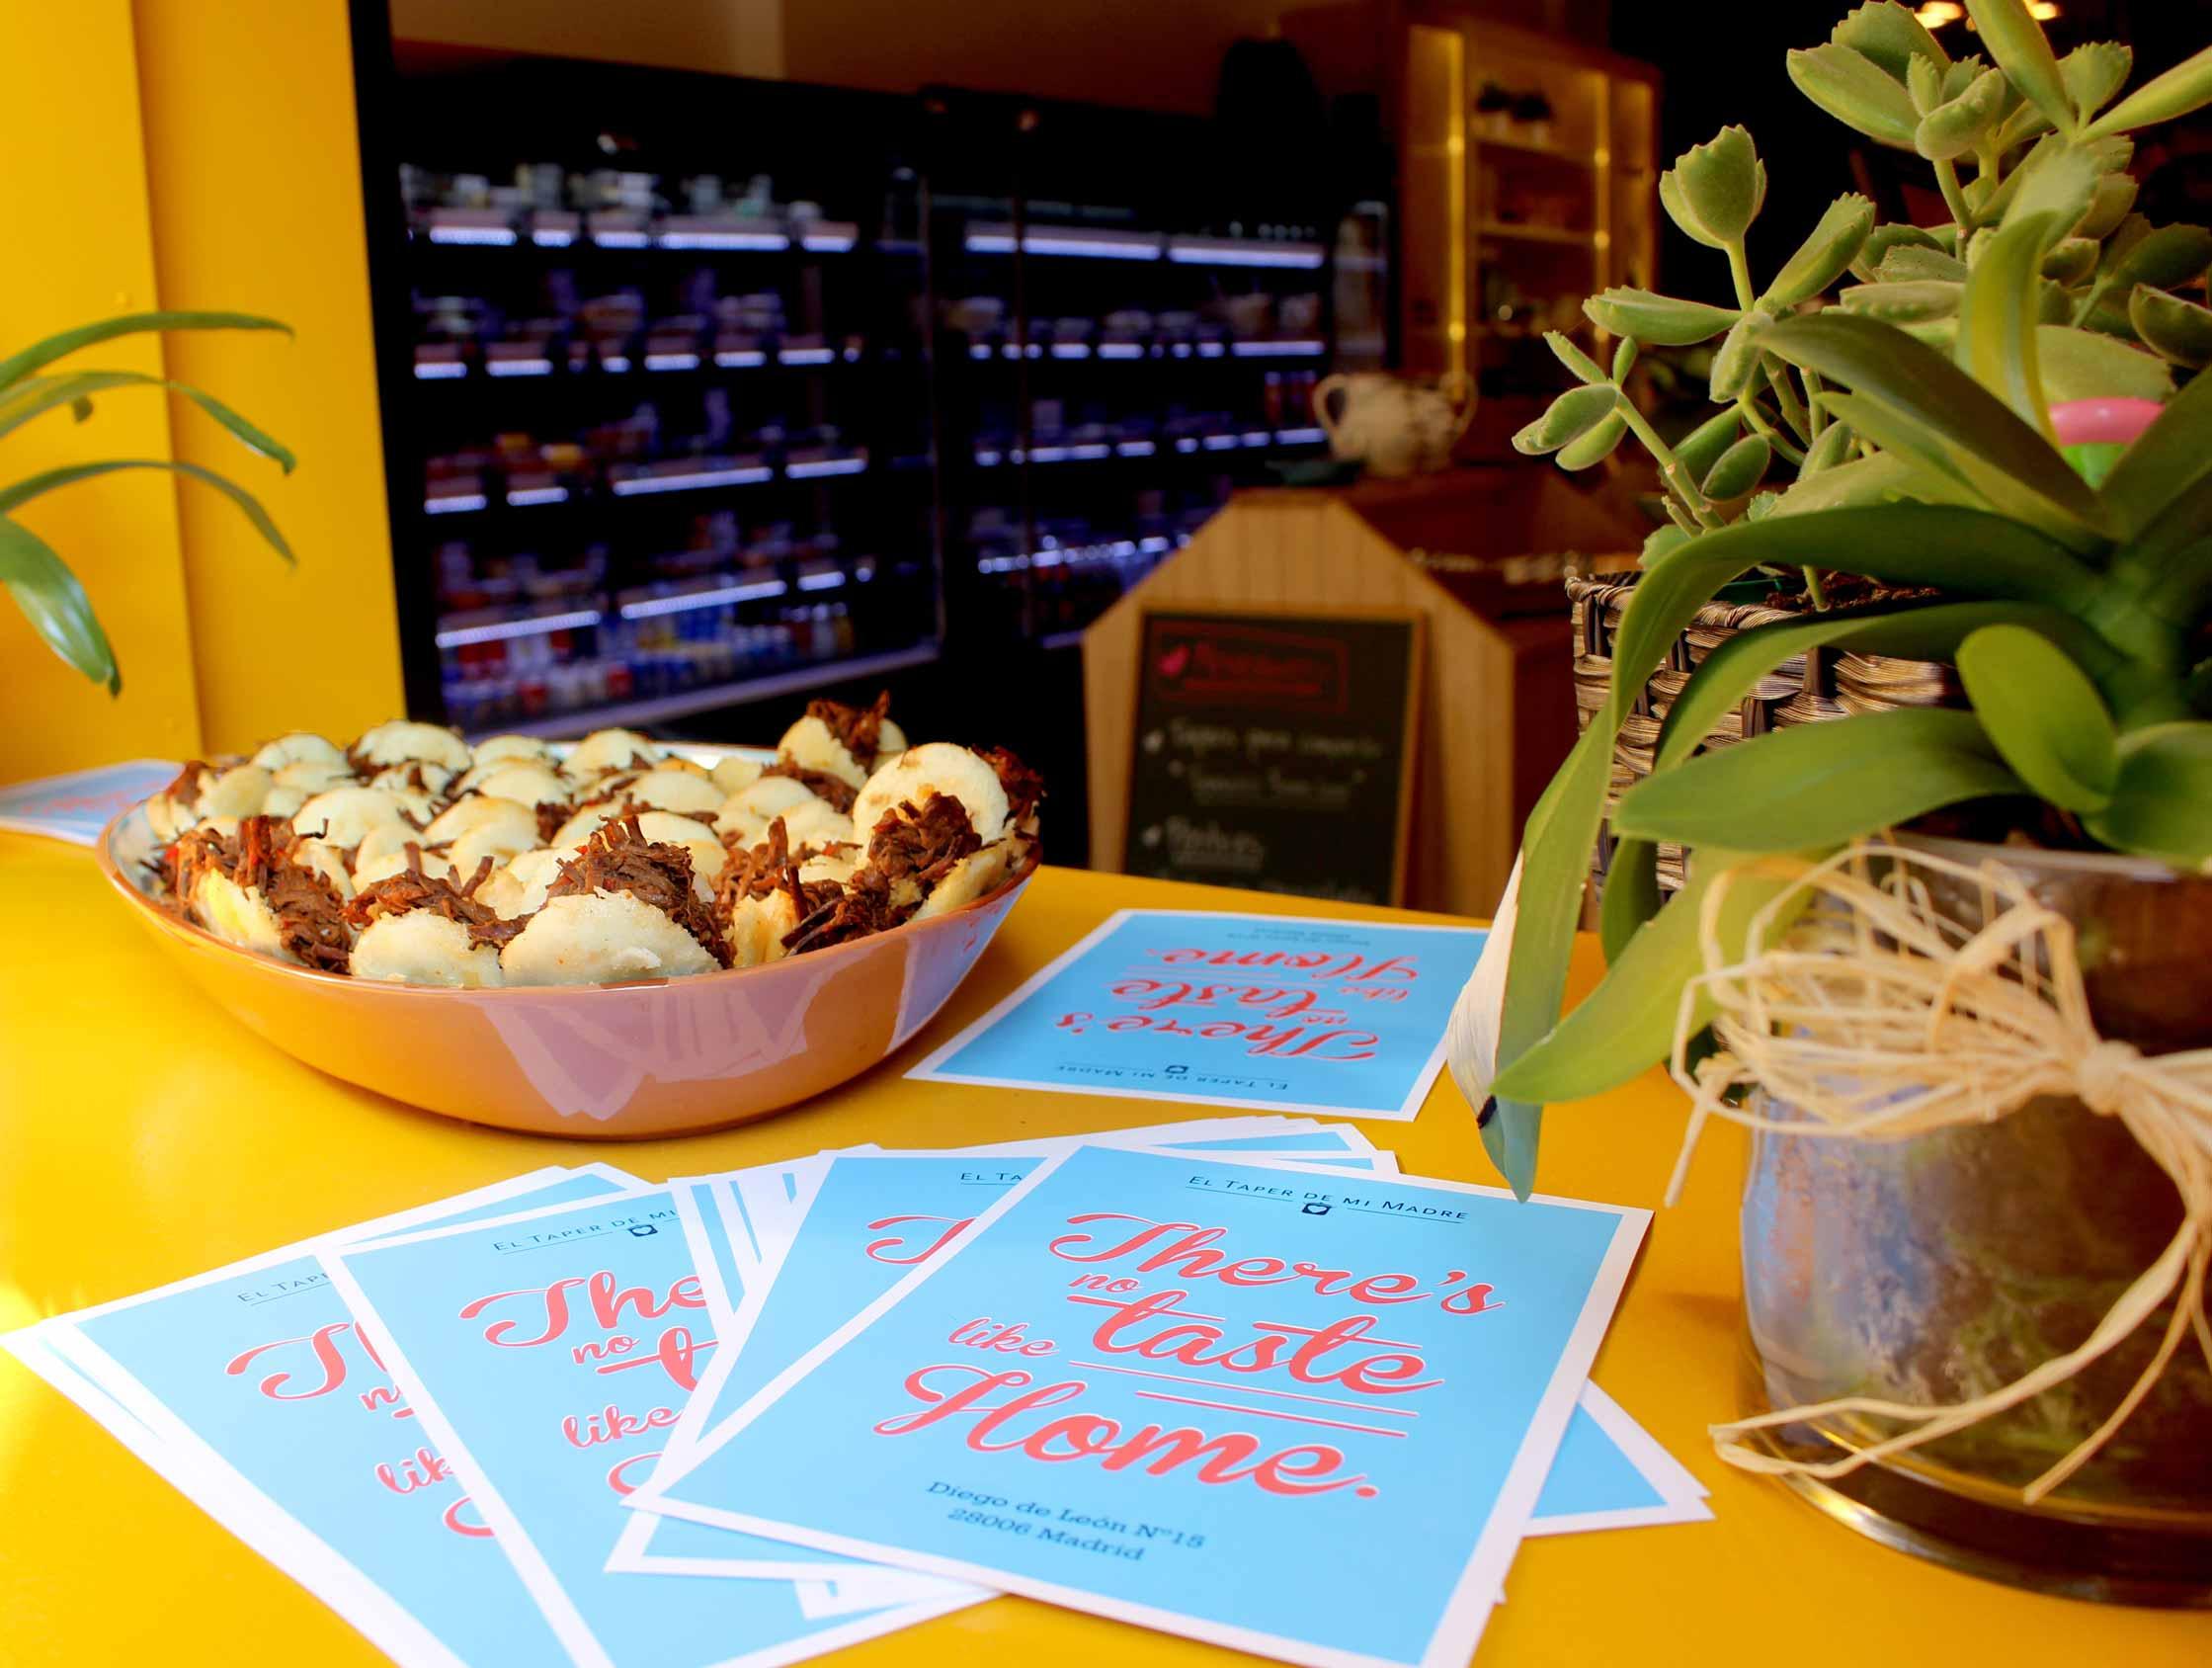 Exhibición de plato con mini arepas en el interior de la tienda El Taper de mi Madre.